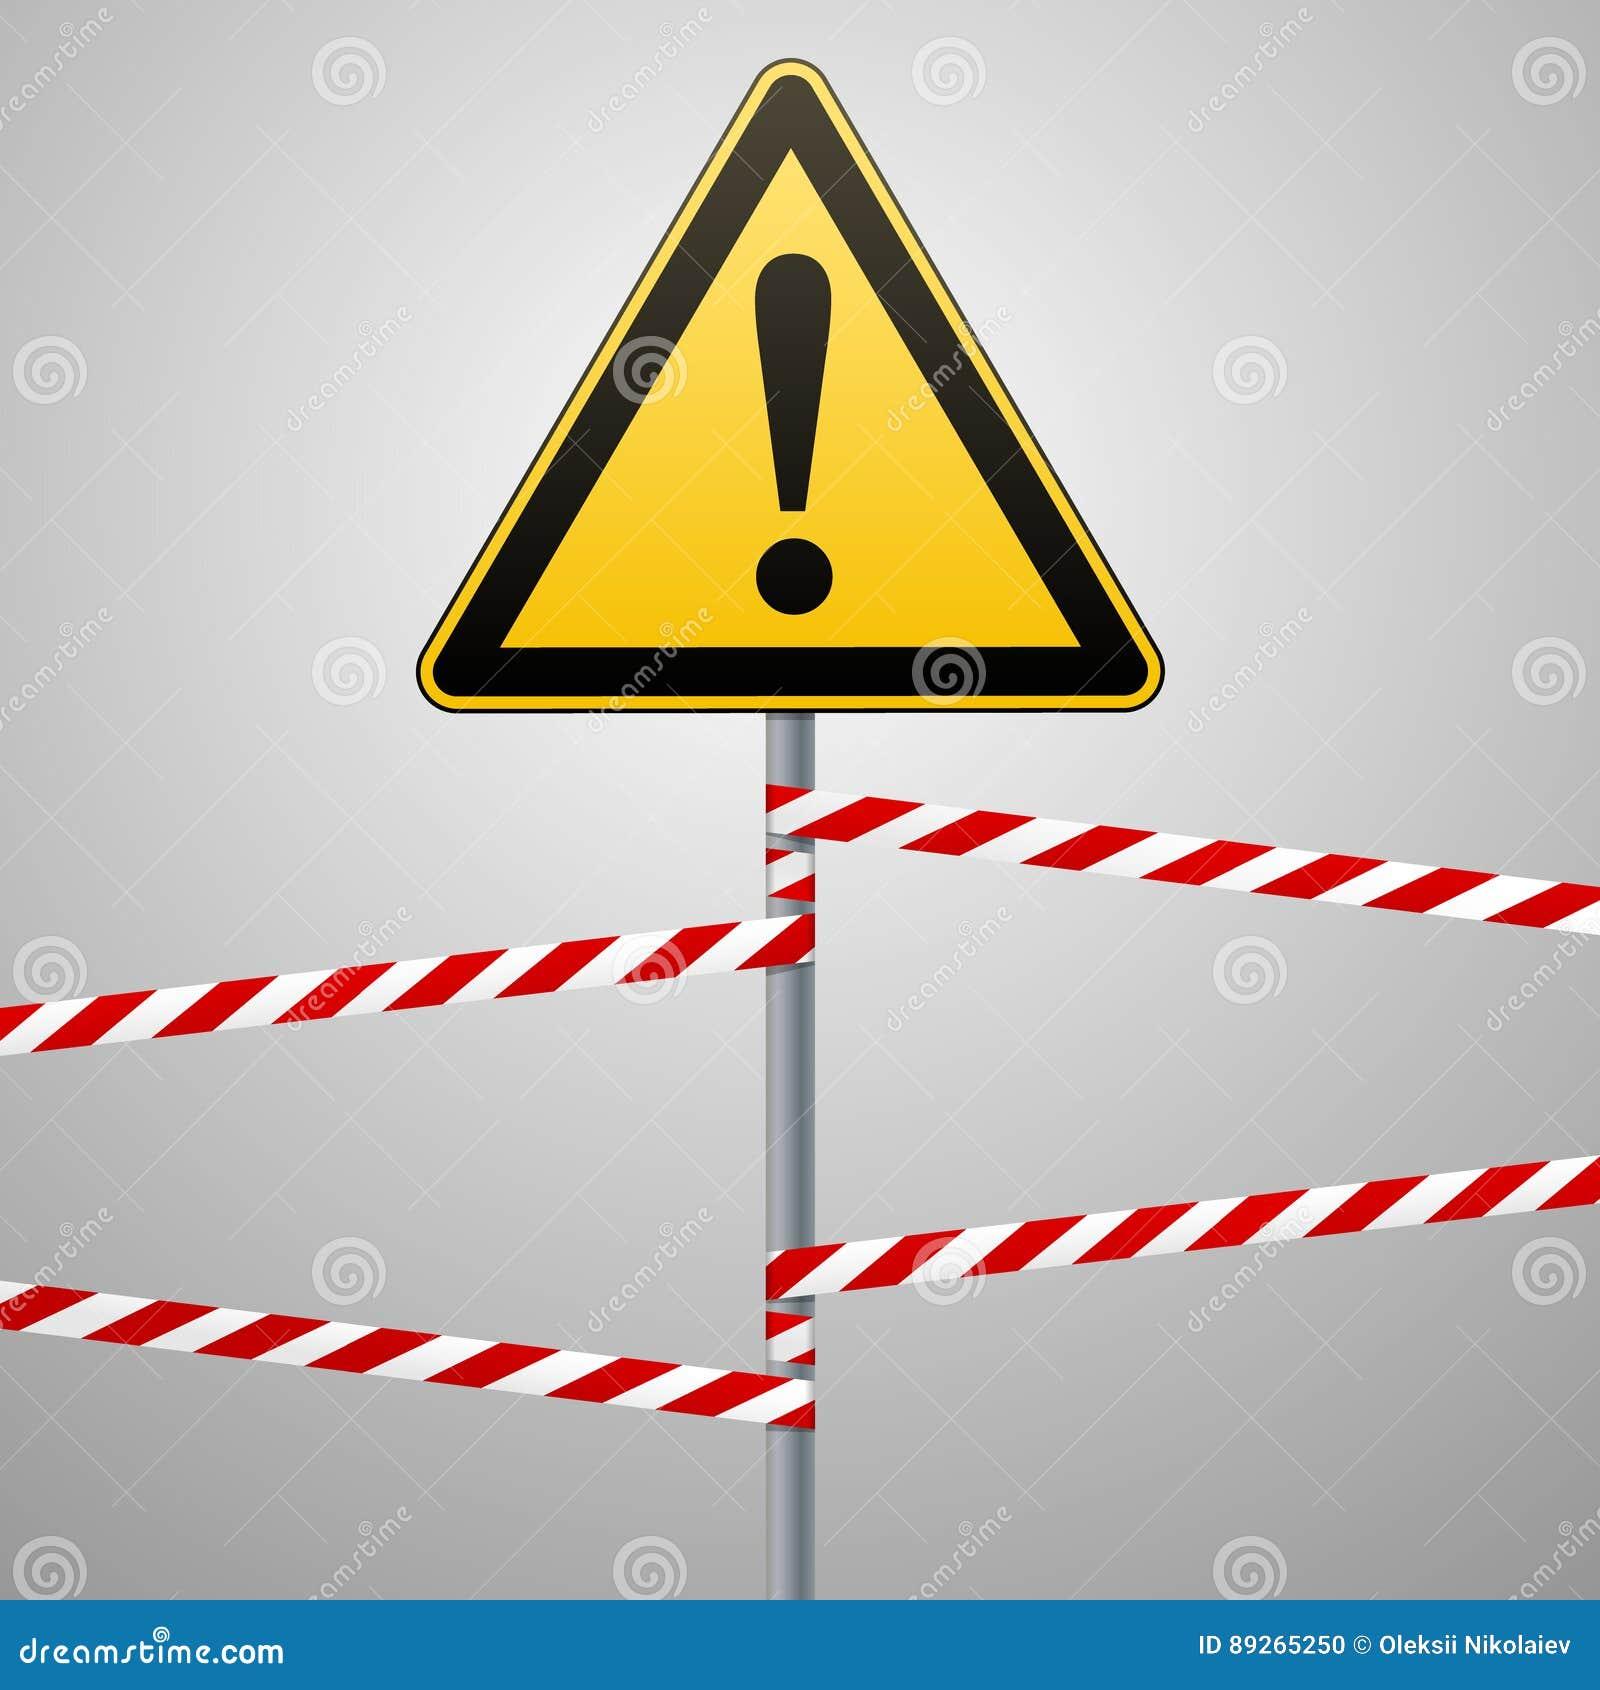 pr caution s curit de panneau d 39 avertissement de danger une triangle jaune avec l 39 image noire. Black Bedroom Furniture Sets. Home Design Ideas